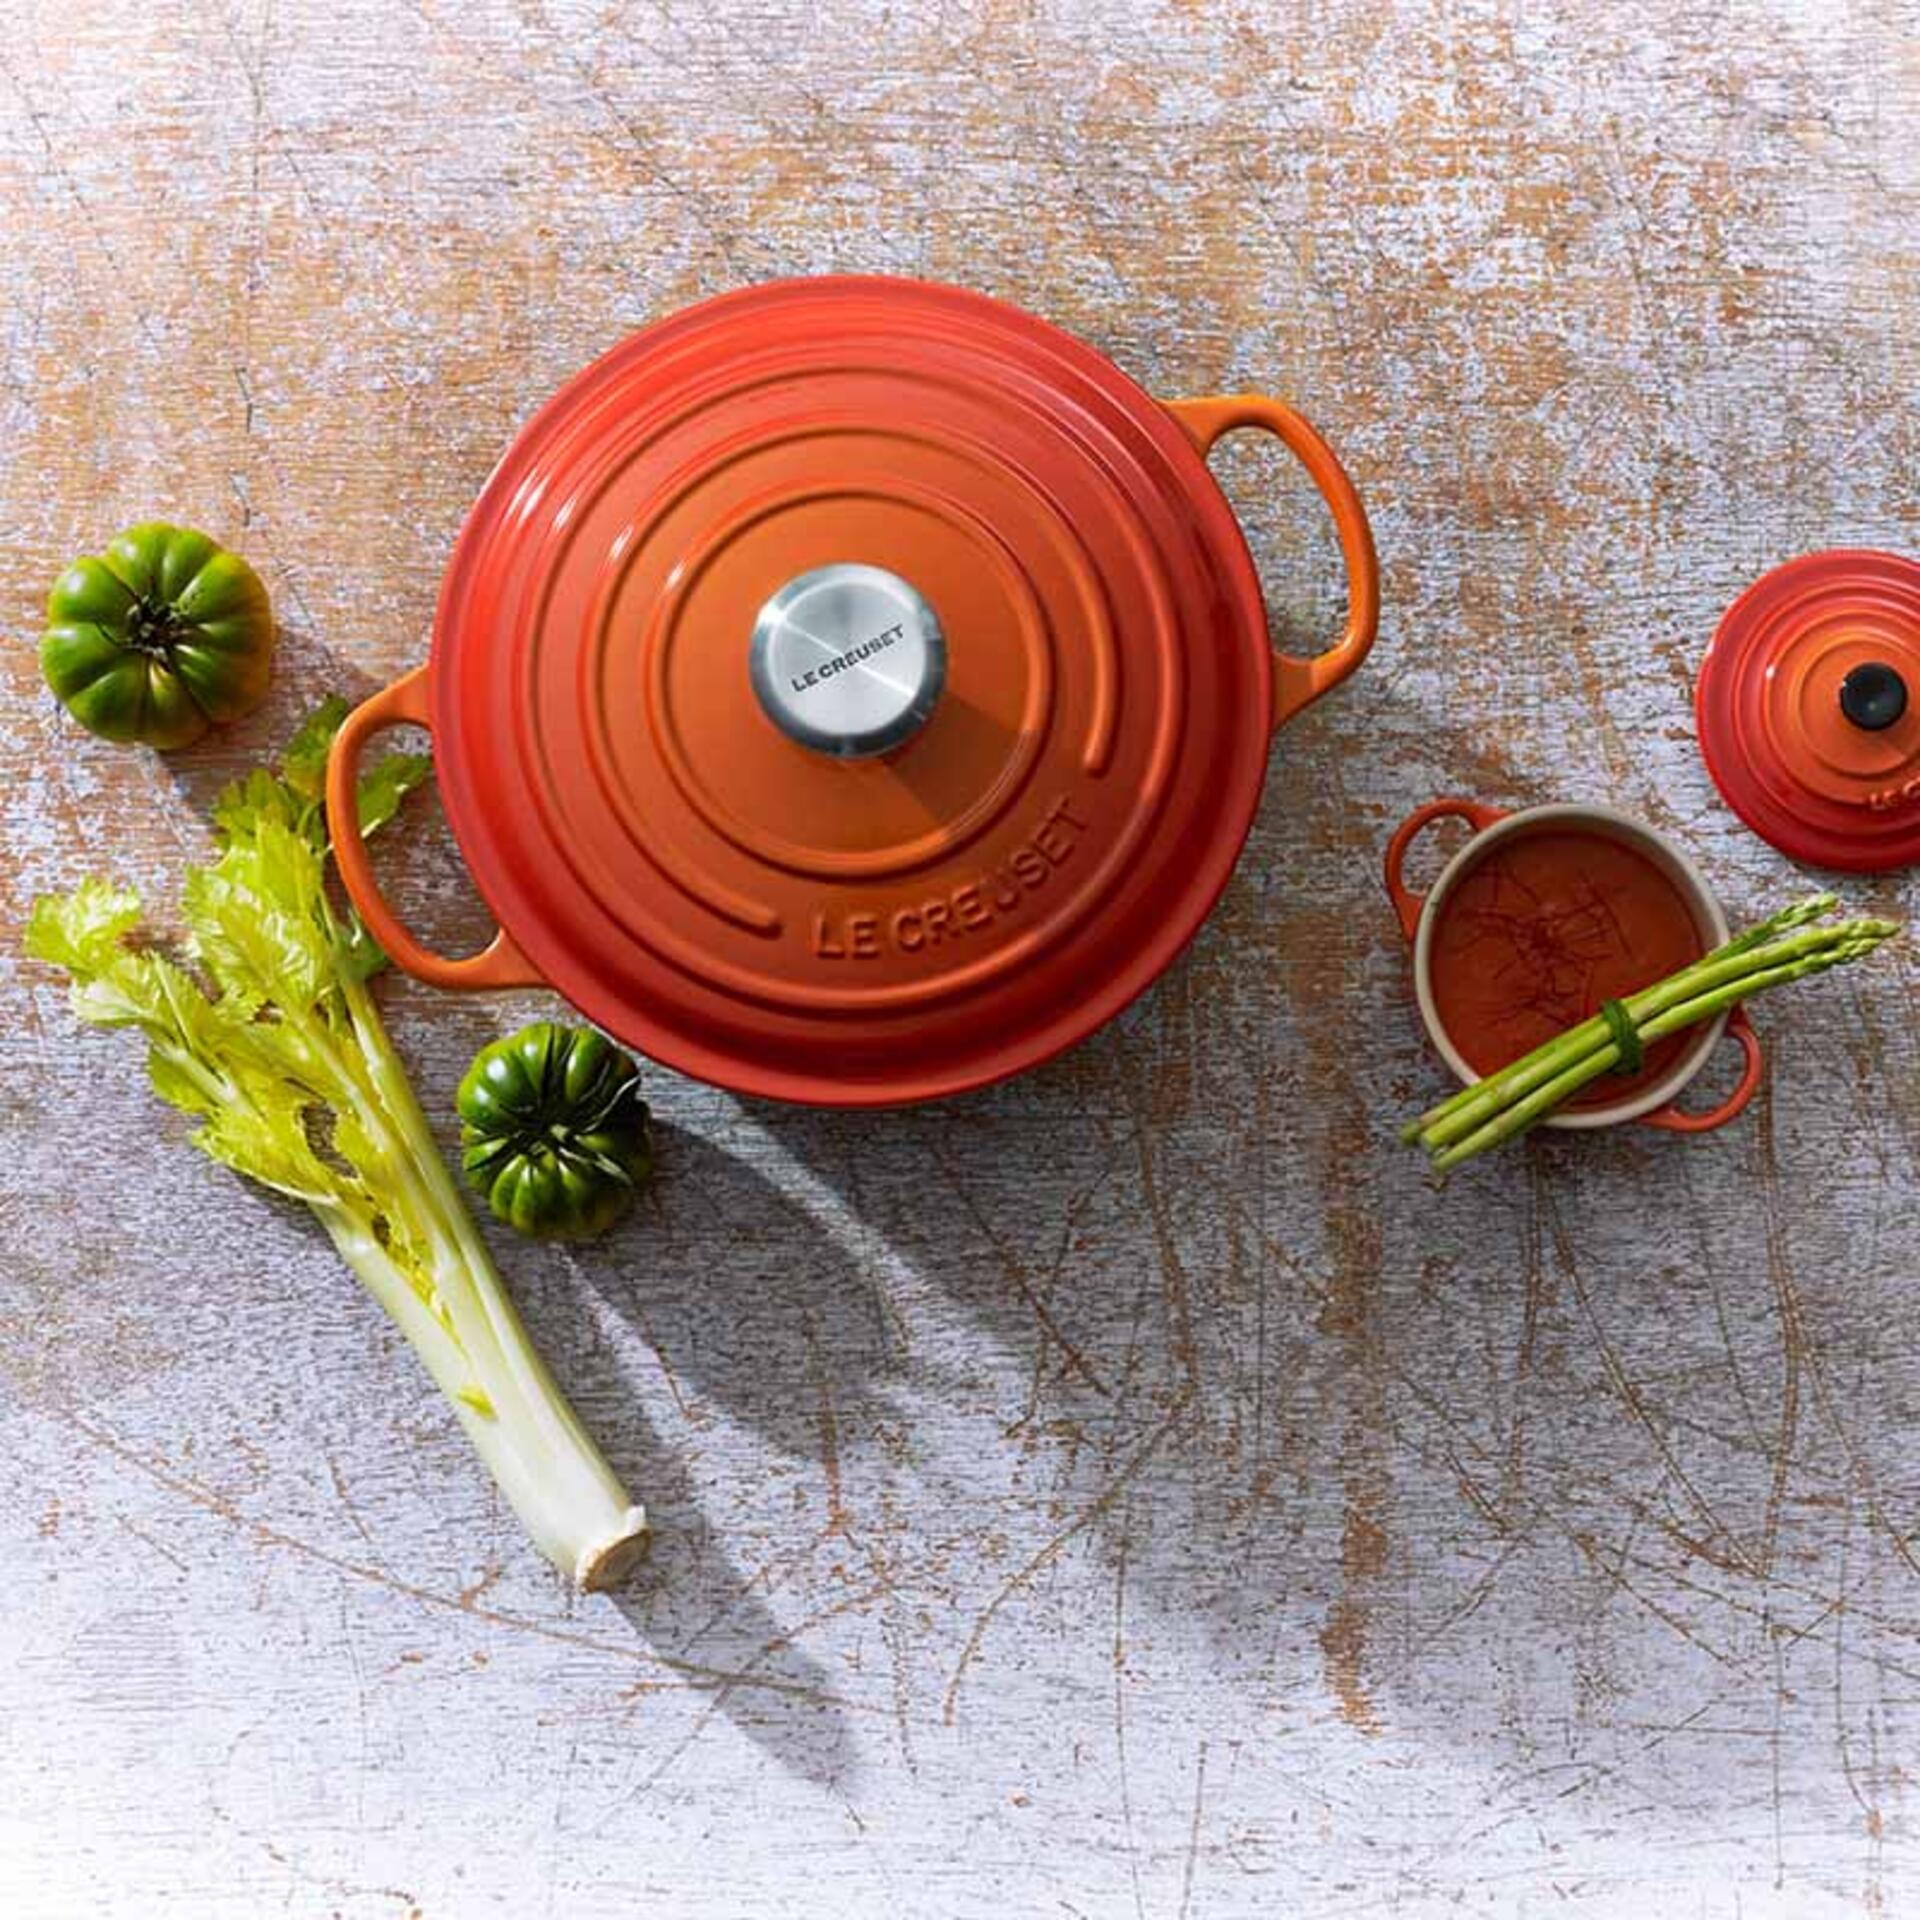 Le Creuset Gourmet-Bräter Signature 30 cm rund Ofenrot 3,5 L